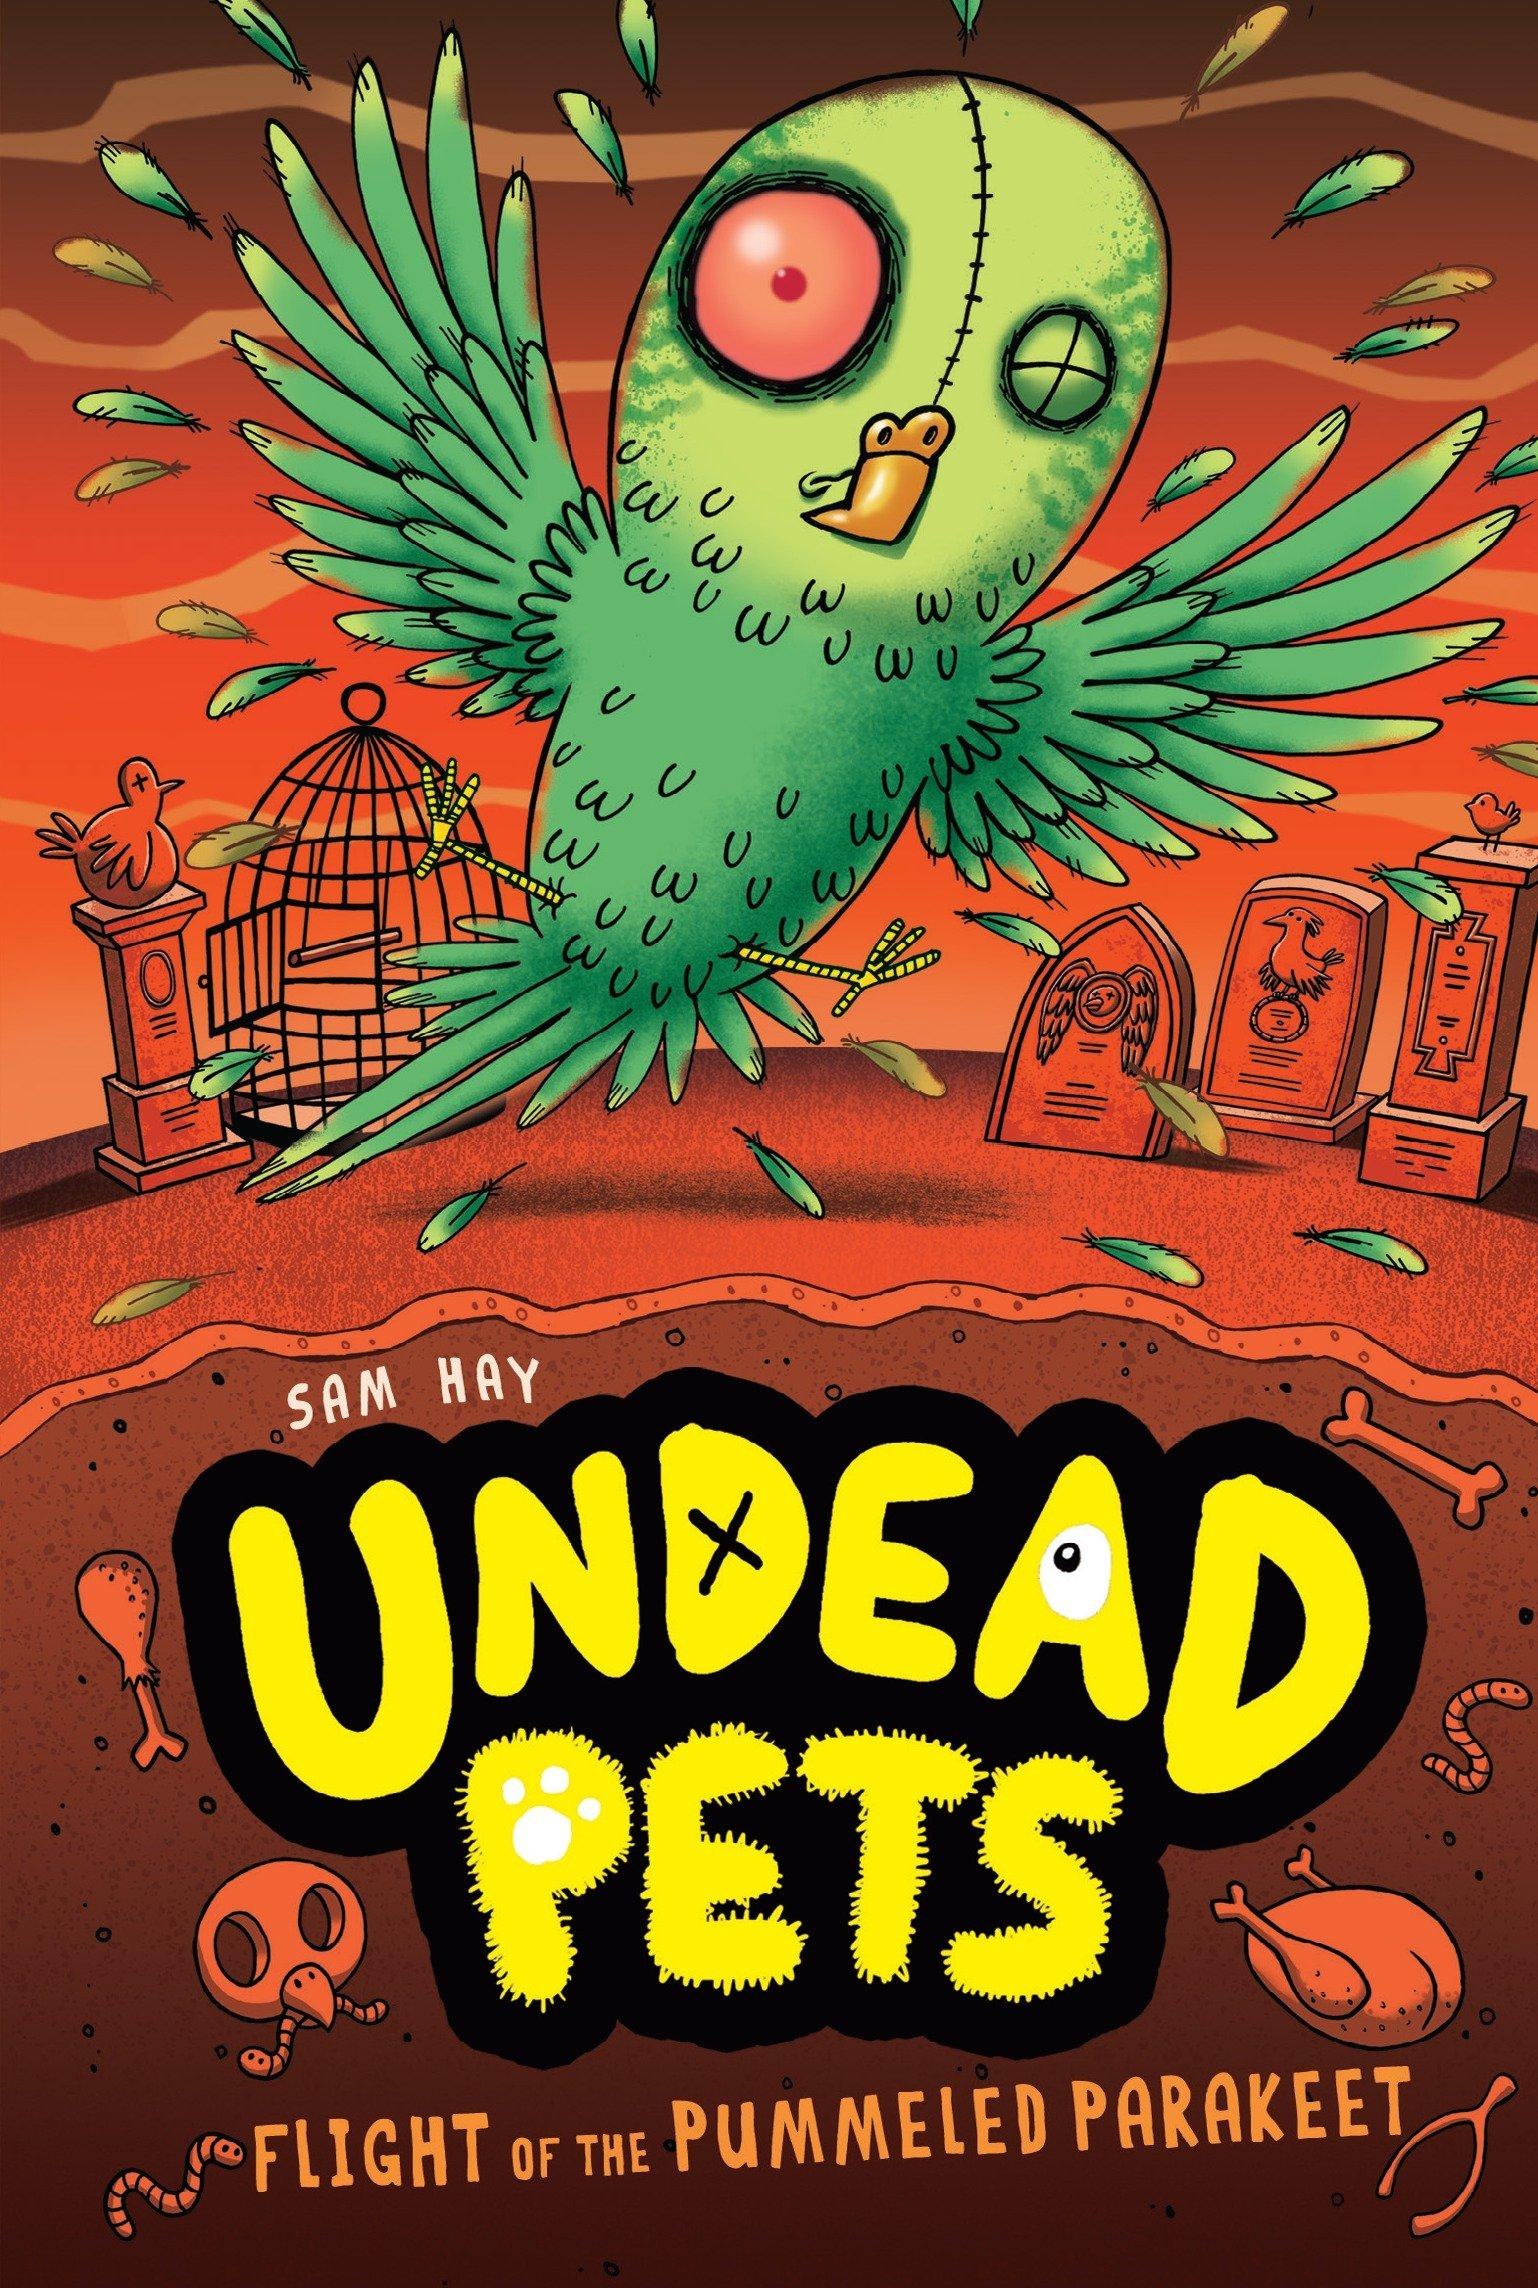 Flight of the Pummeled Parakeet #6 (Undead Pets) ebook